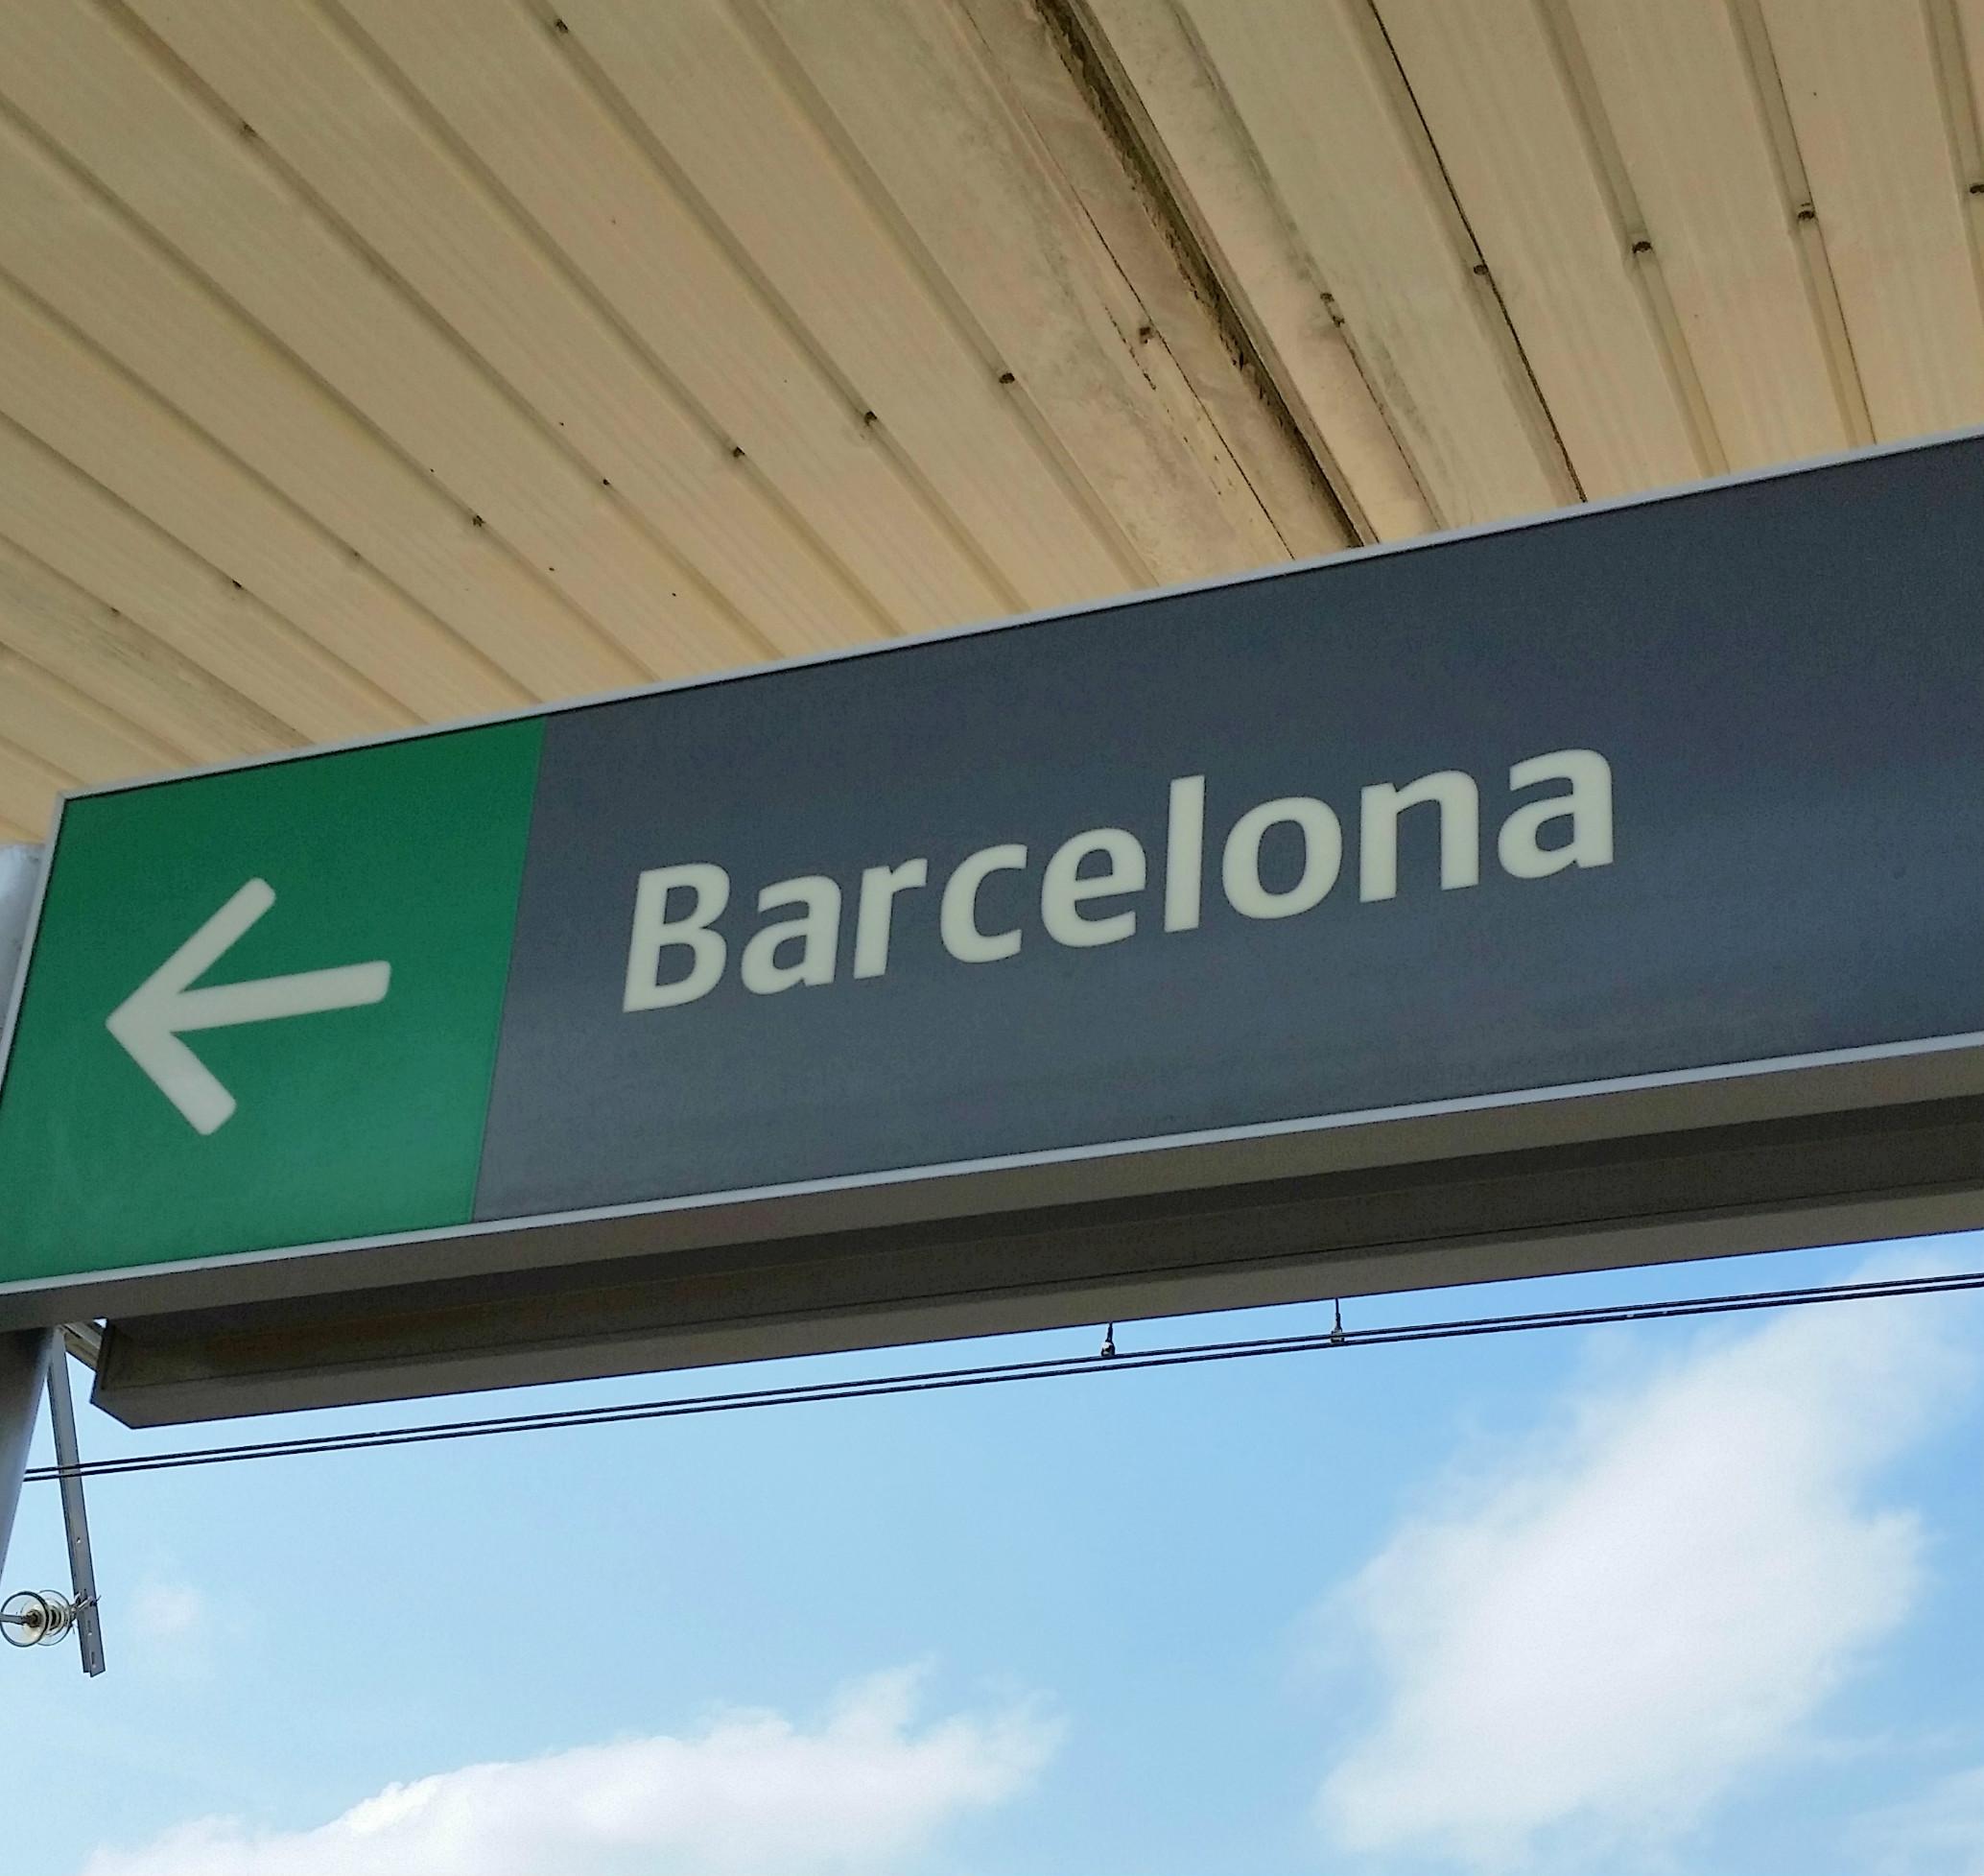 All-Aboard-Barcelona.-1jpg